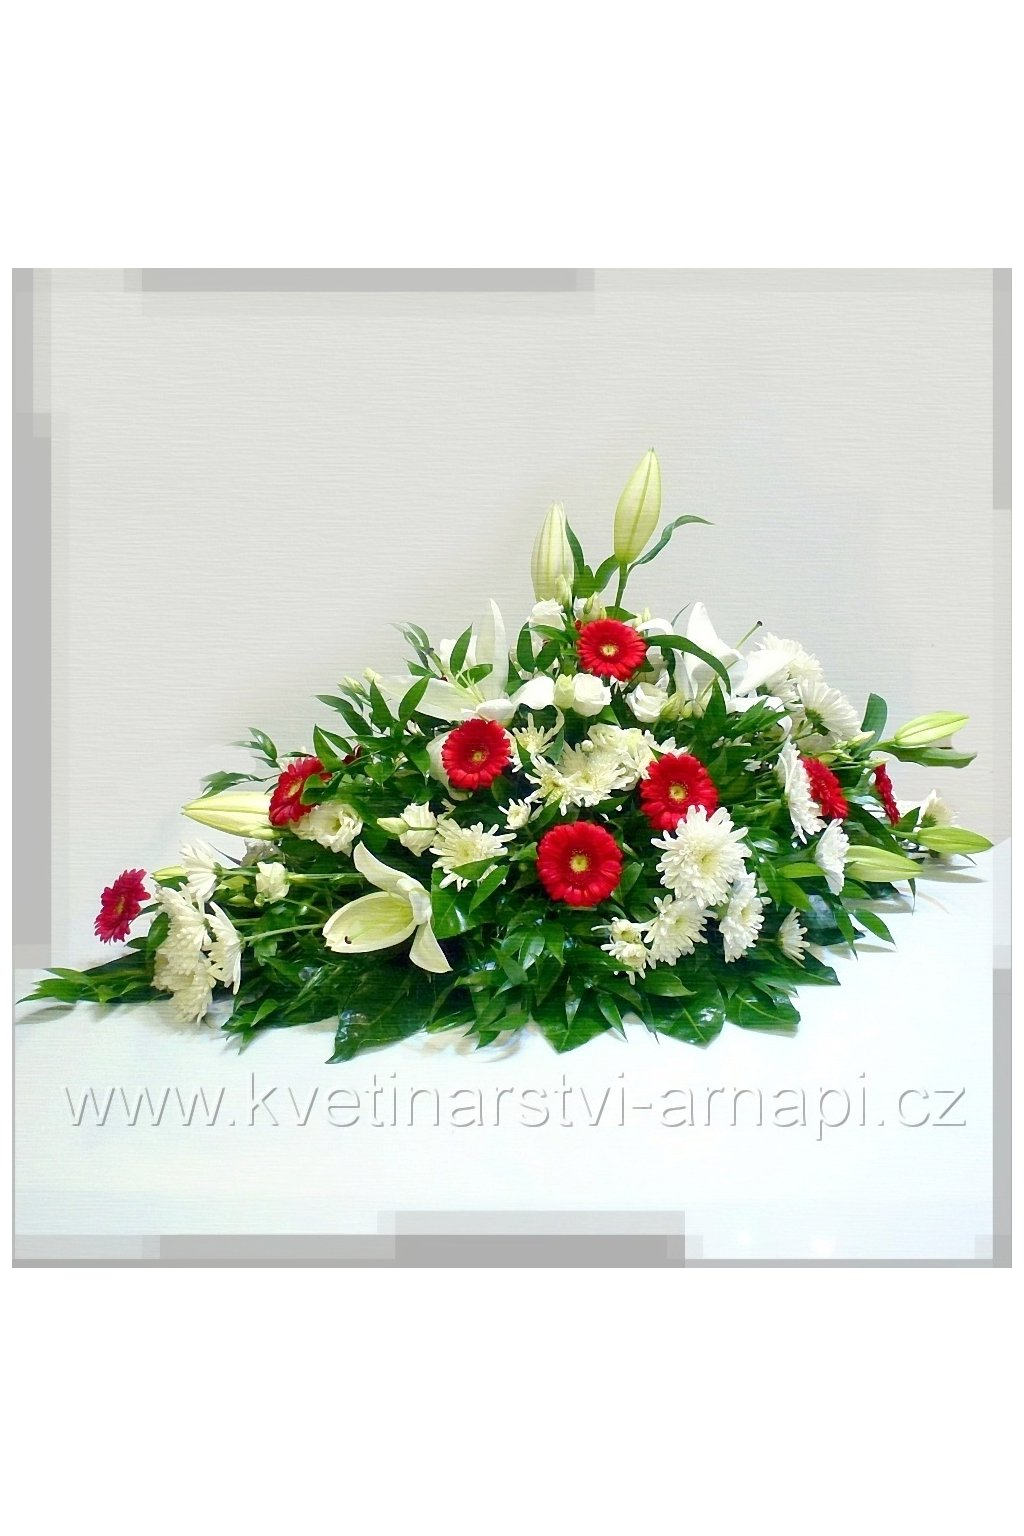 smutecni kytice vypichovana z gerber cervenych kvetinarstvi arnapi rozvoz